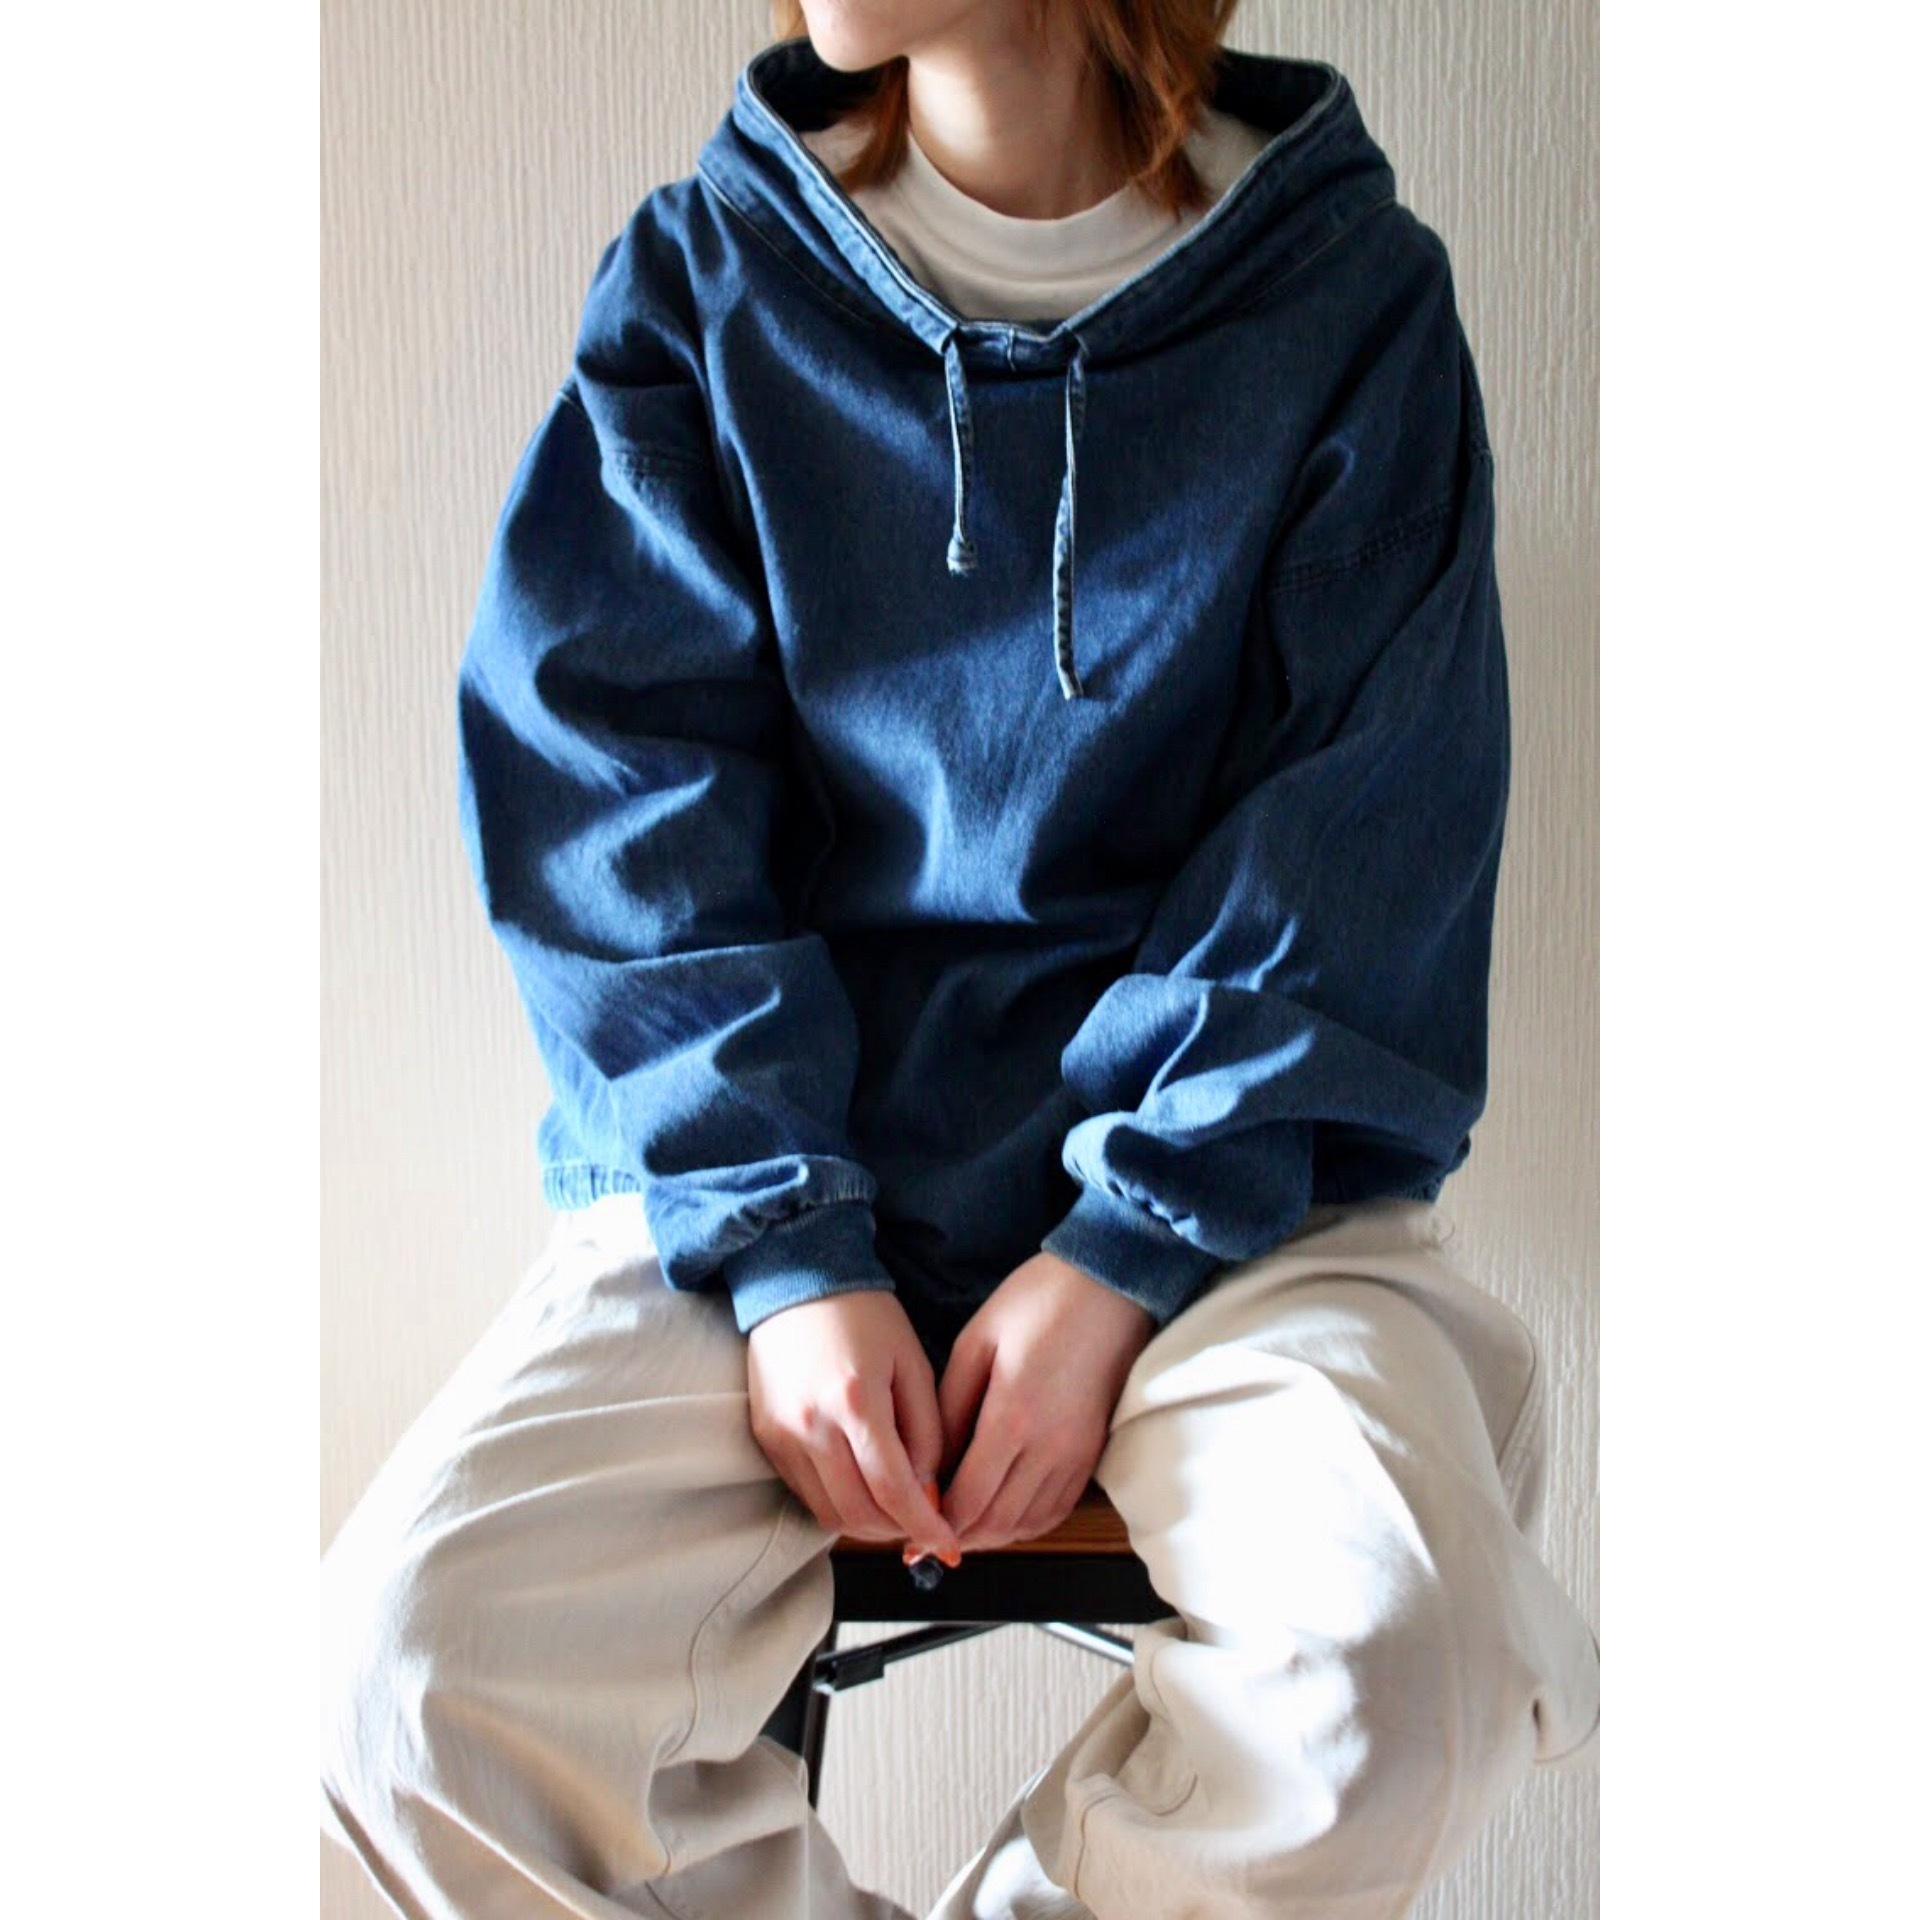 Vintage denim mock neck jacket